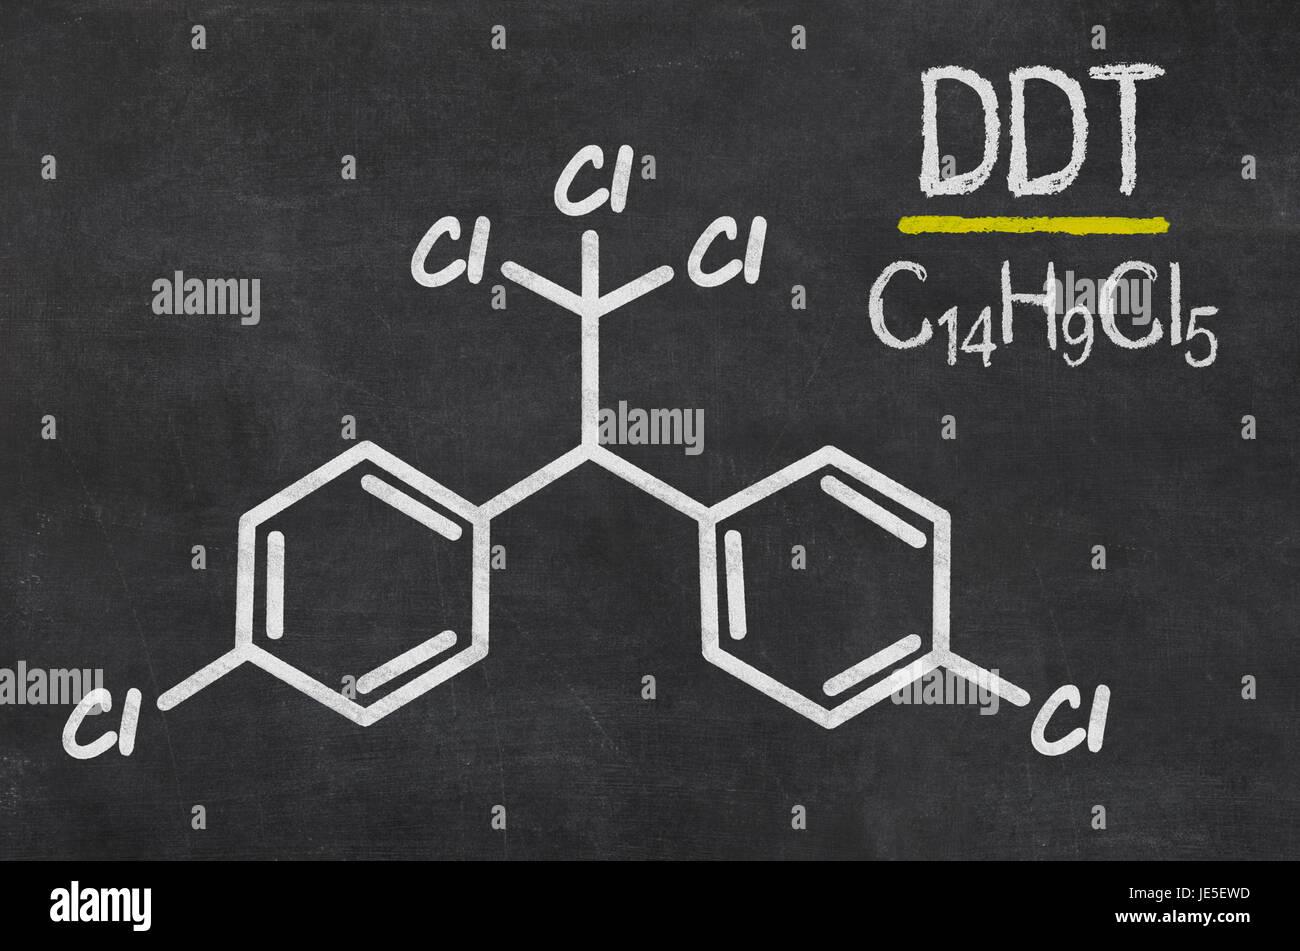 Schiefertafel mit der chemischen Formel von DDT Stock Photo